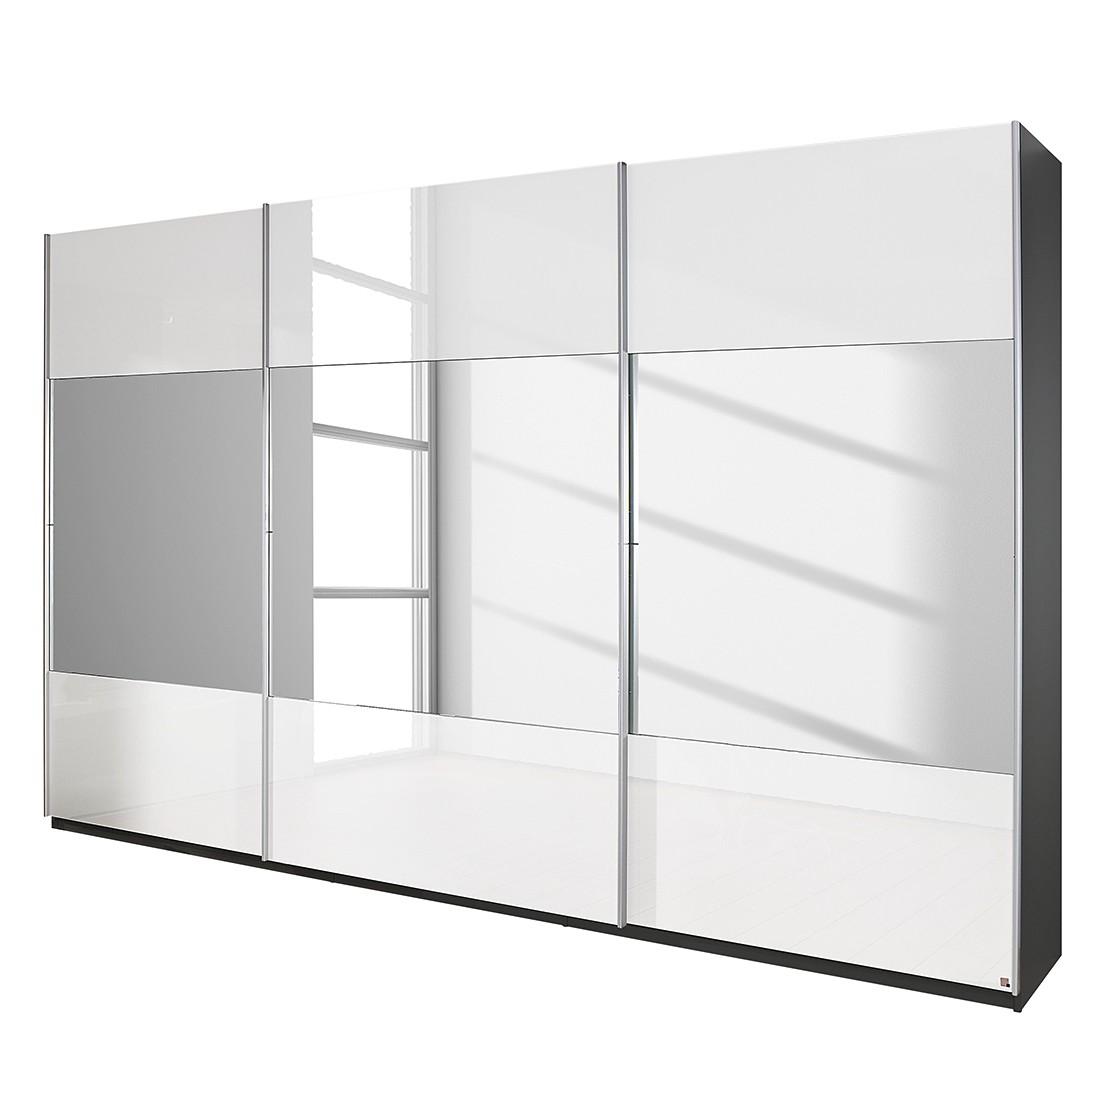 goedkoop Schuifdeurkast Beluga hoogglans wit verspiegeld grafietkleurig 360cm 3 deurs 223cm Rauch Select